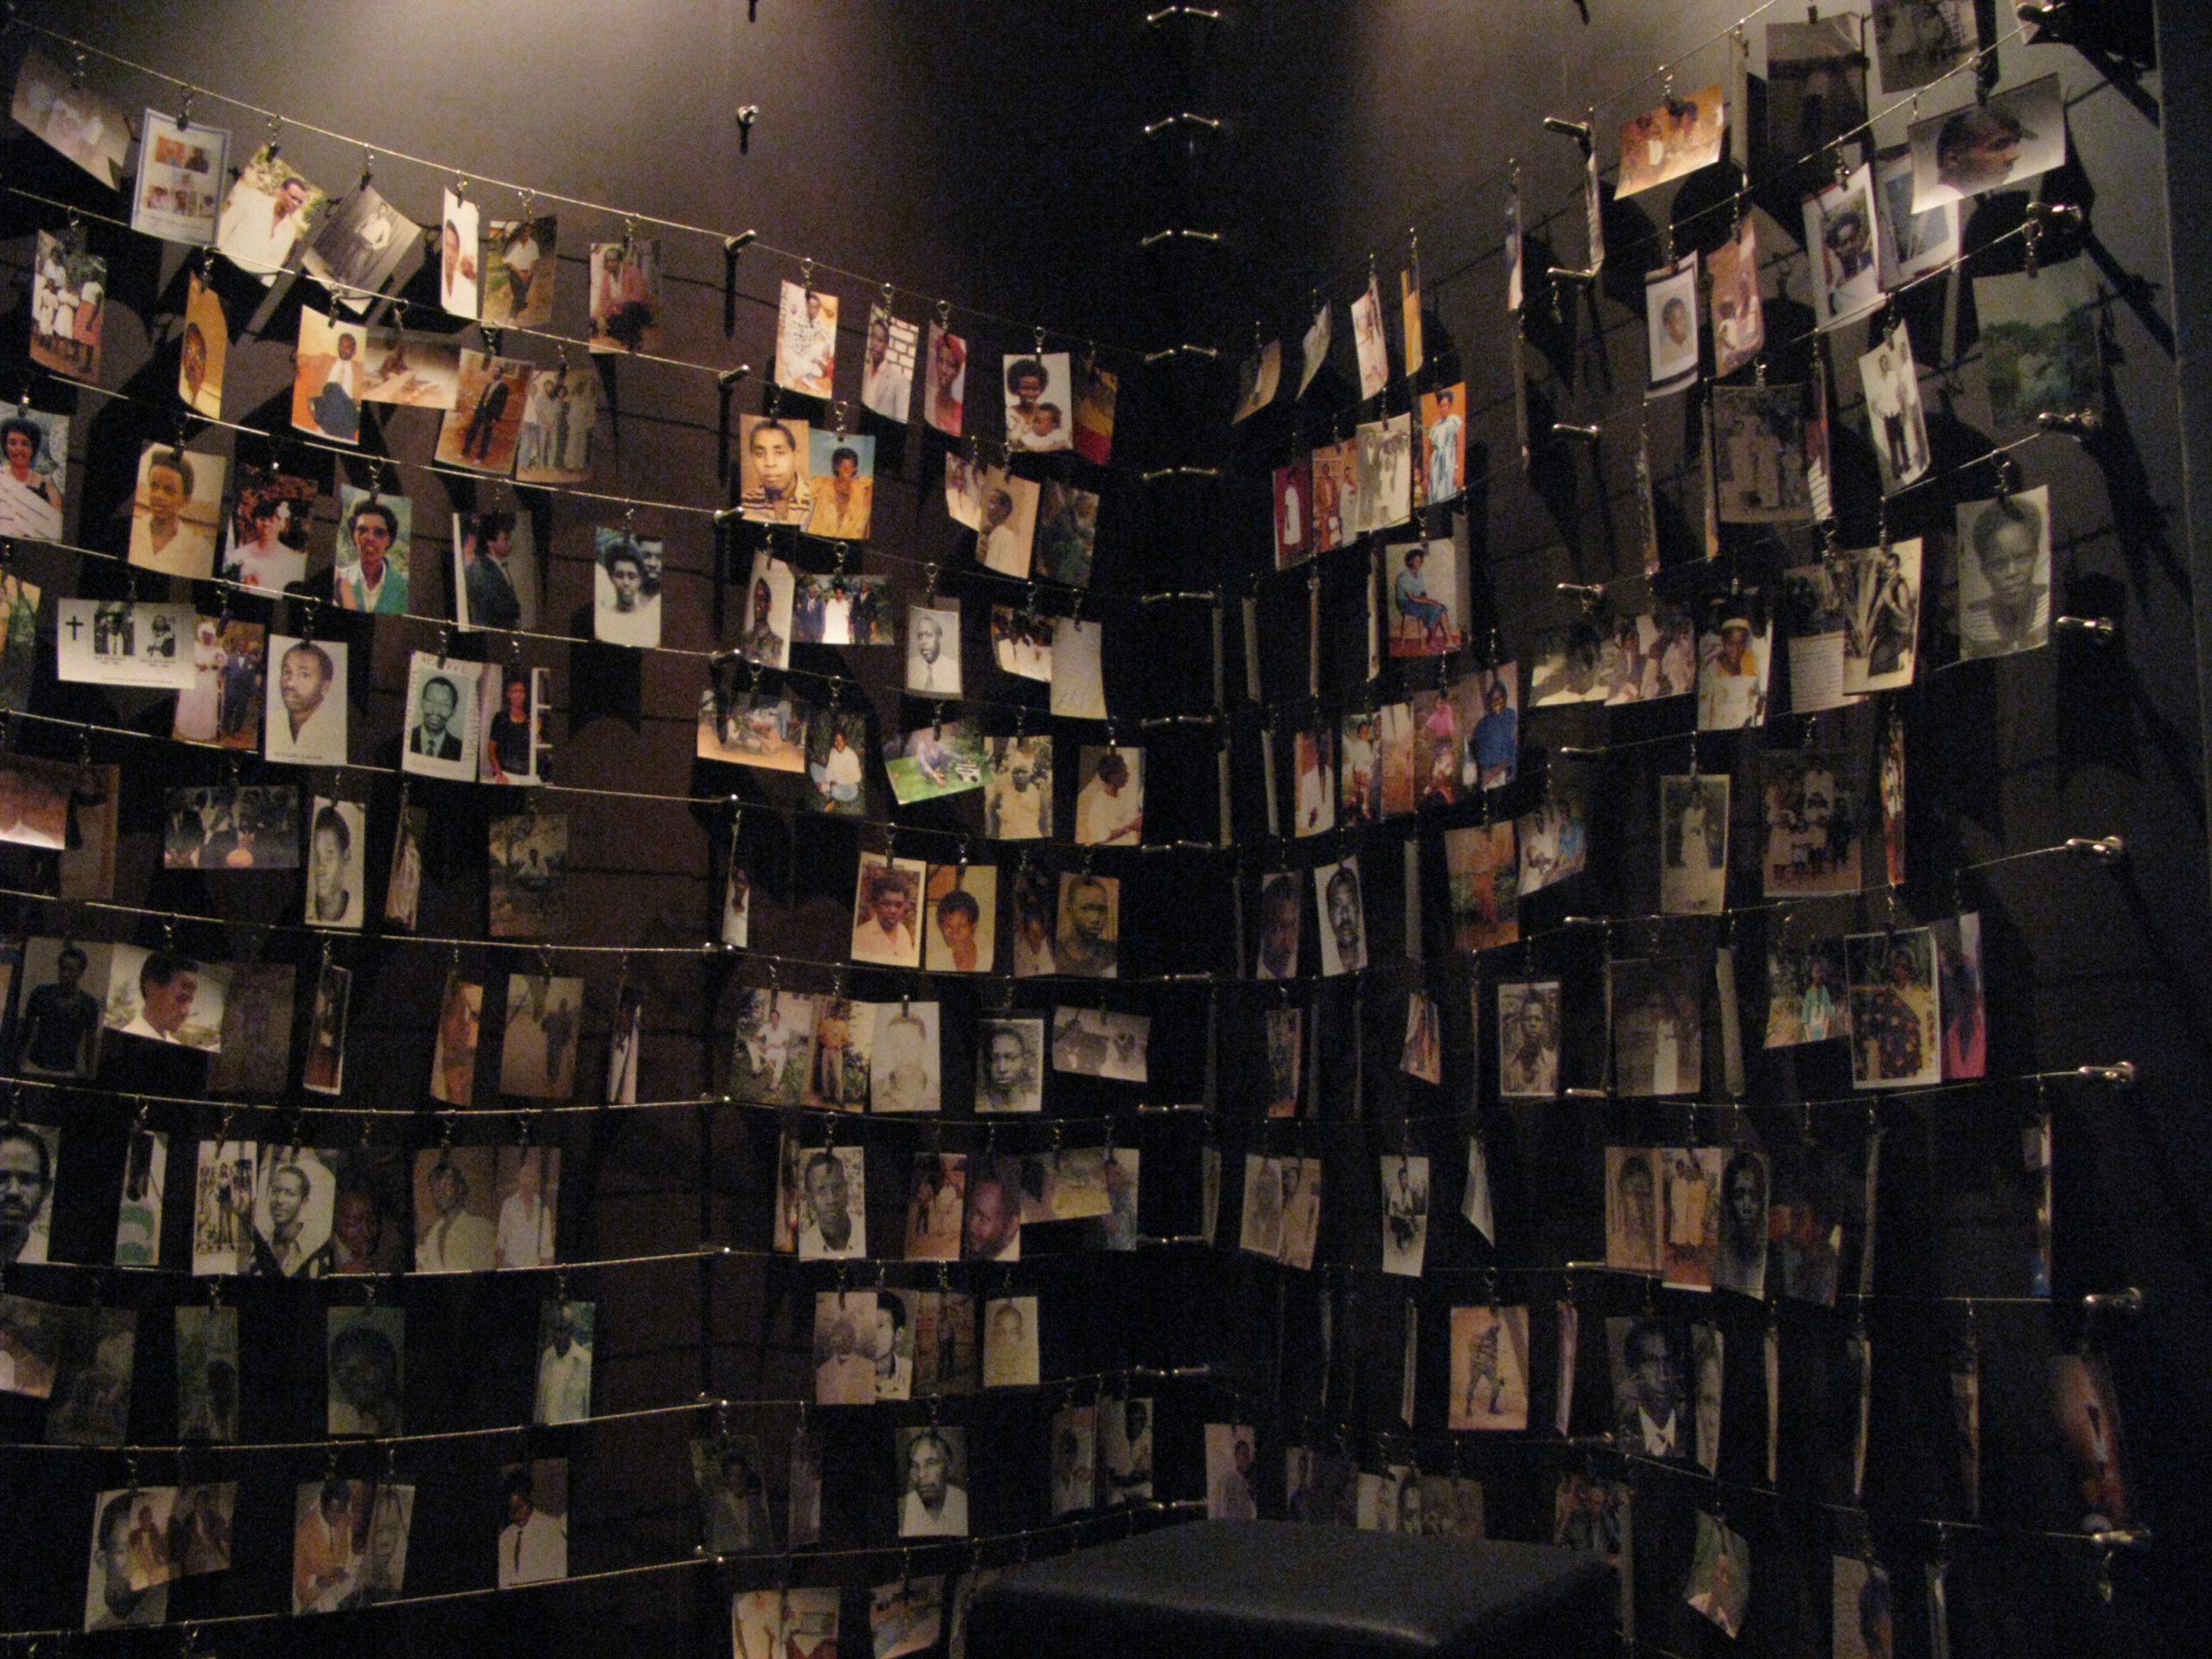 Rwanda Genocide in pictures